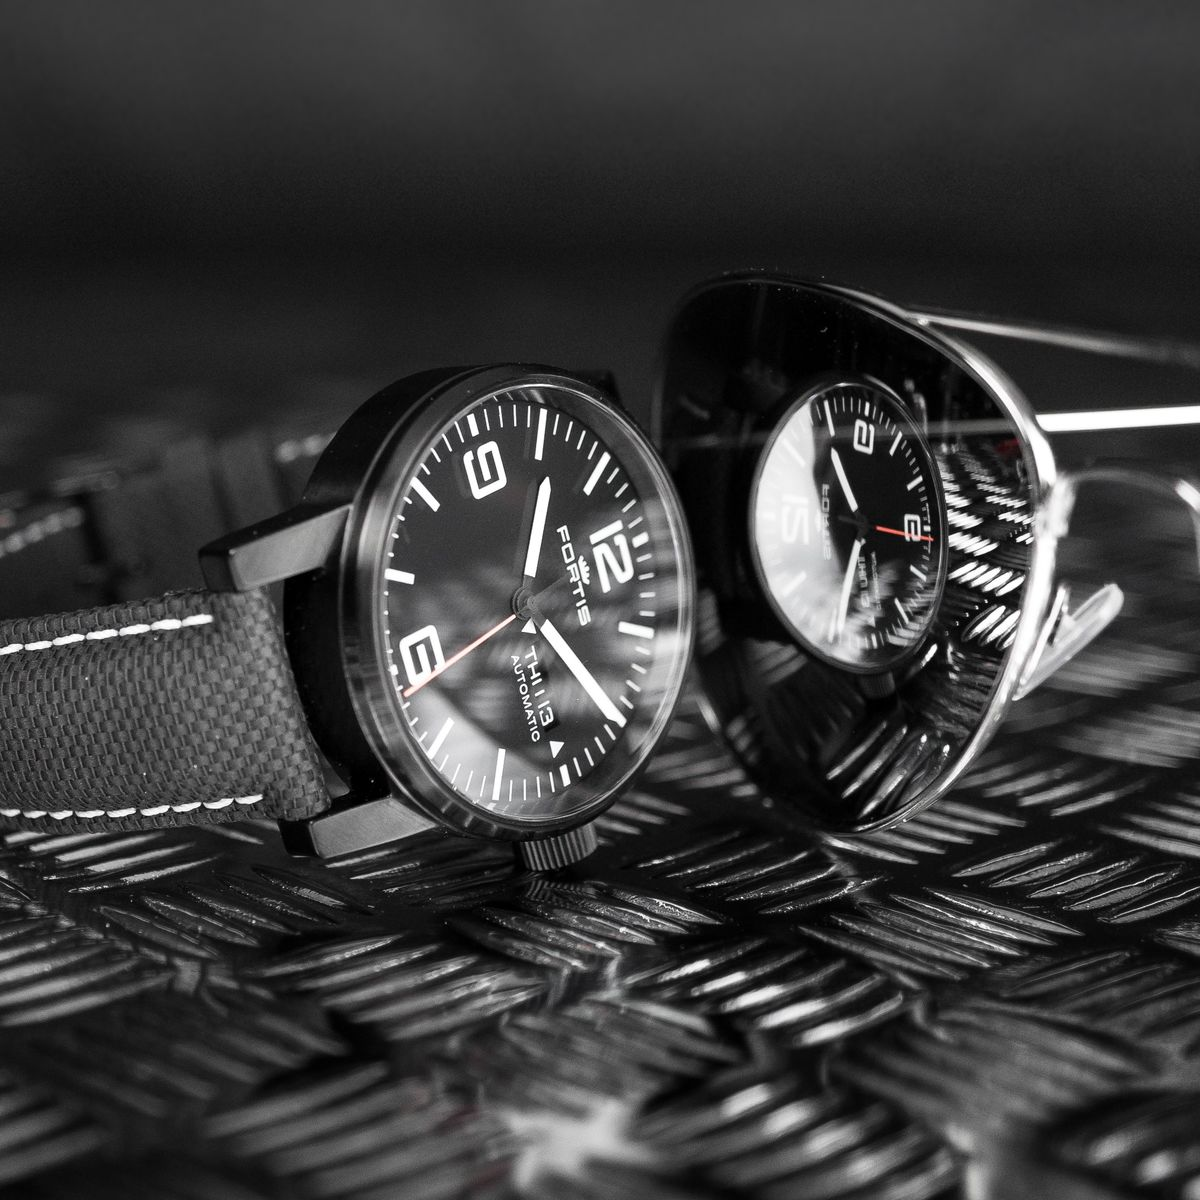 ویژگیهای یک ساعت مچی خوب کدام است؟